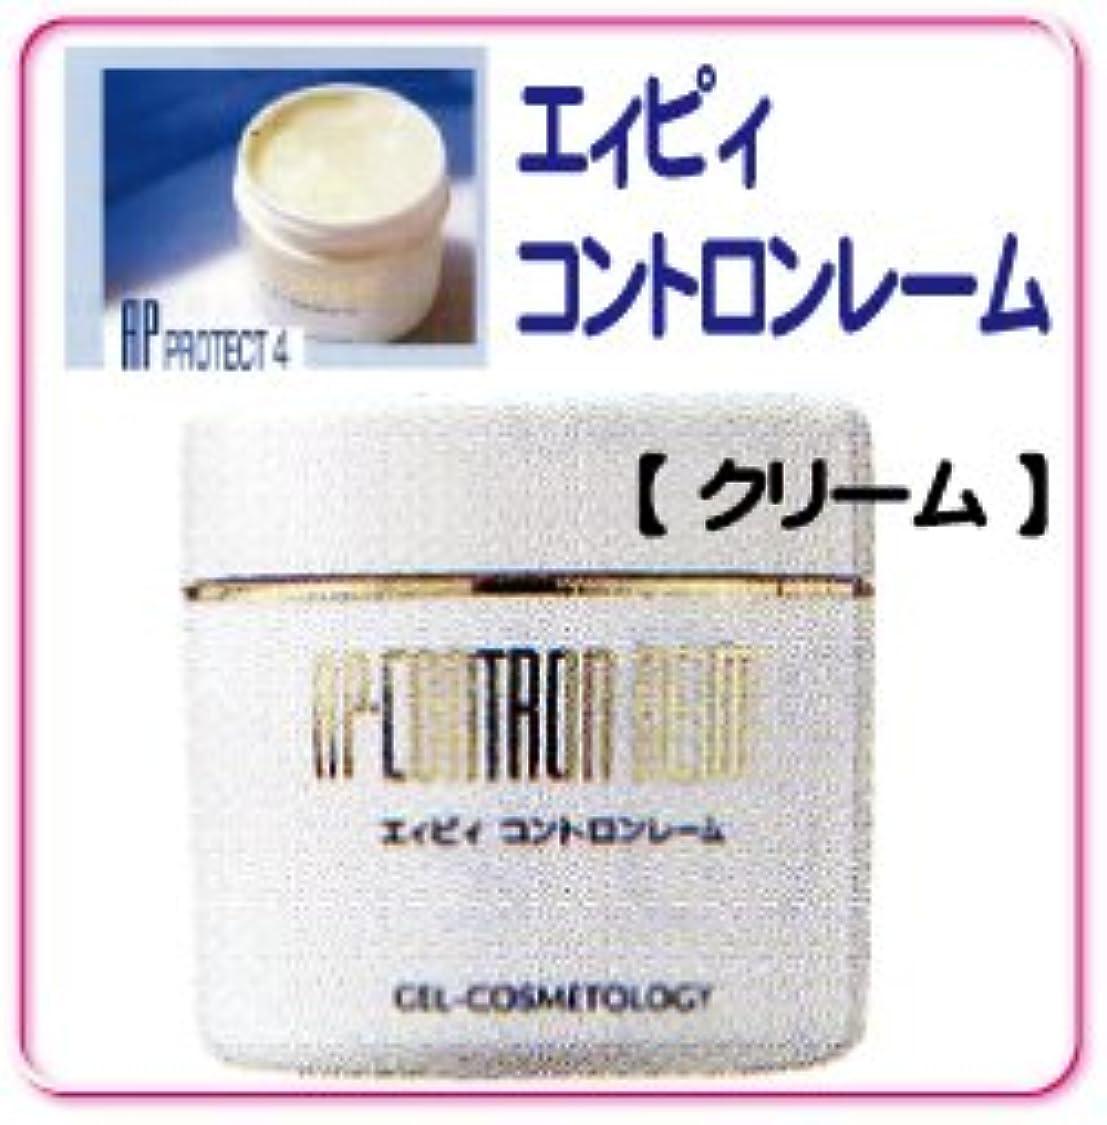 """ベルマン化粧品 APprotectシリーズ """"コントロンレーム"""" 敏感肌用クリーム 110g"""